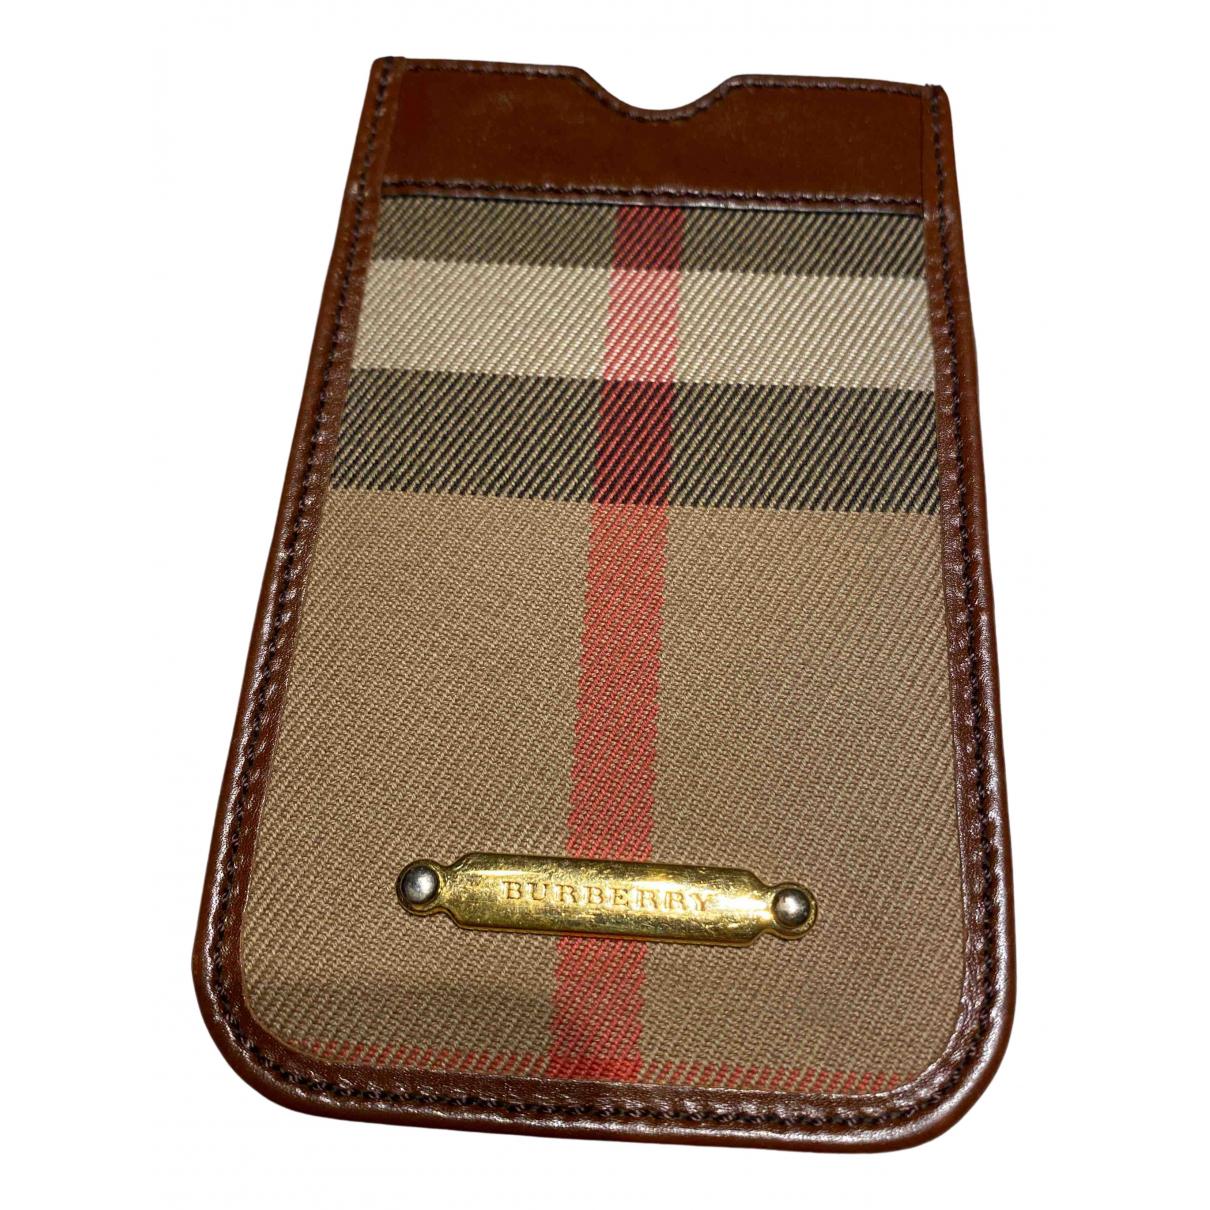 Burberry - Accessoires   pour lifestyle en coton - beige